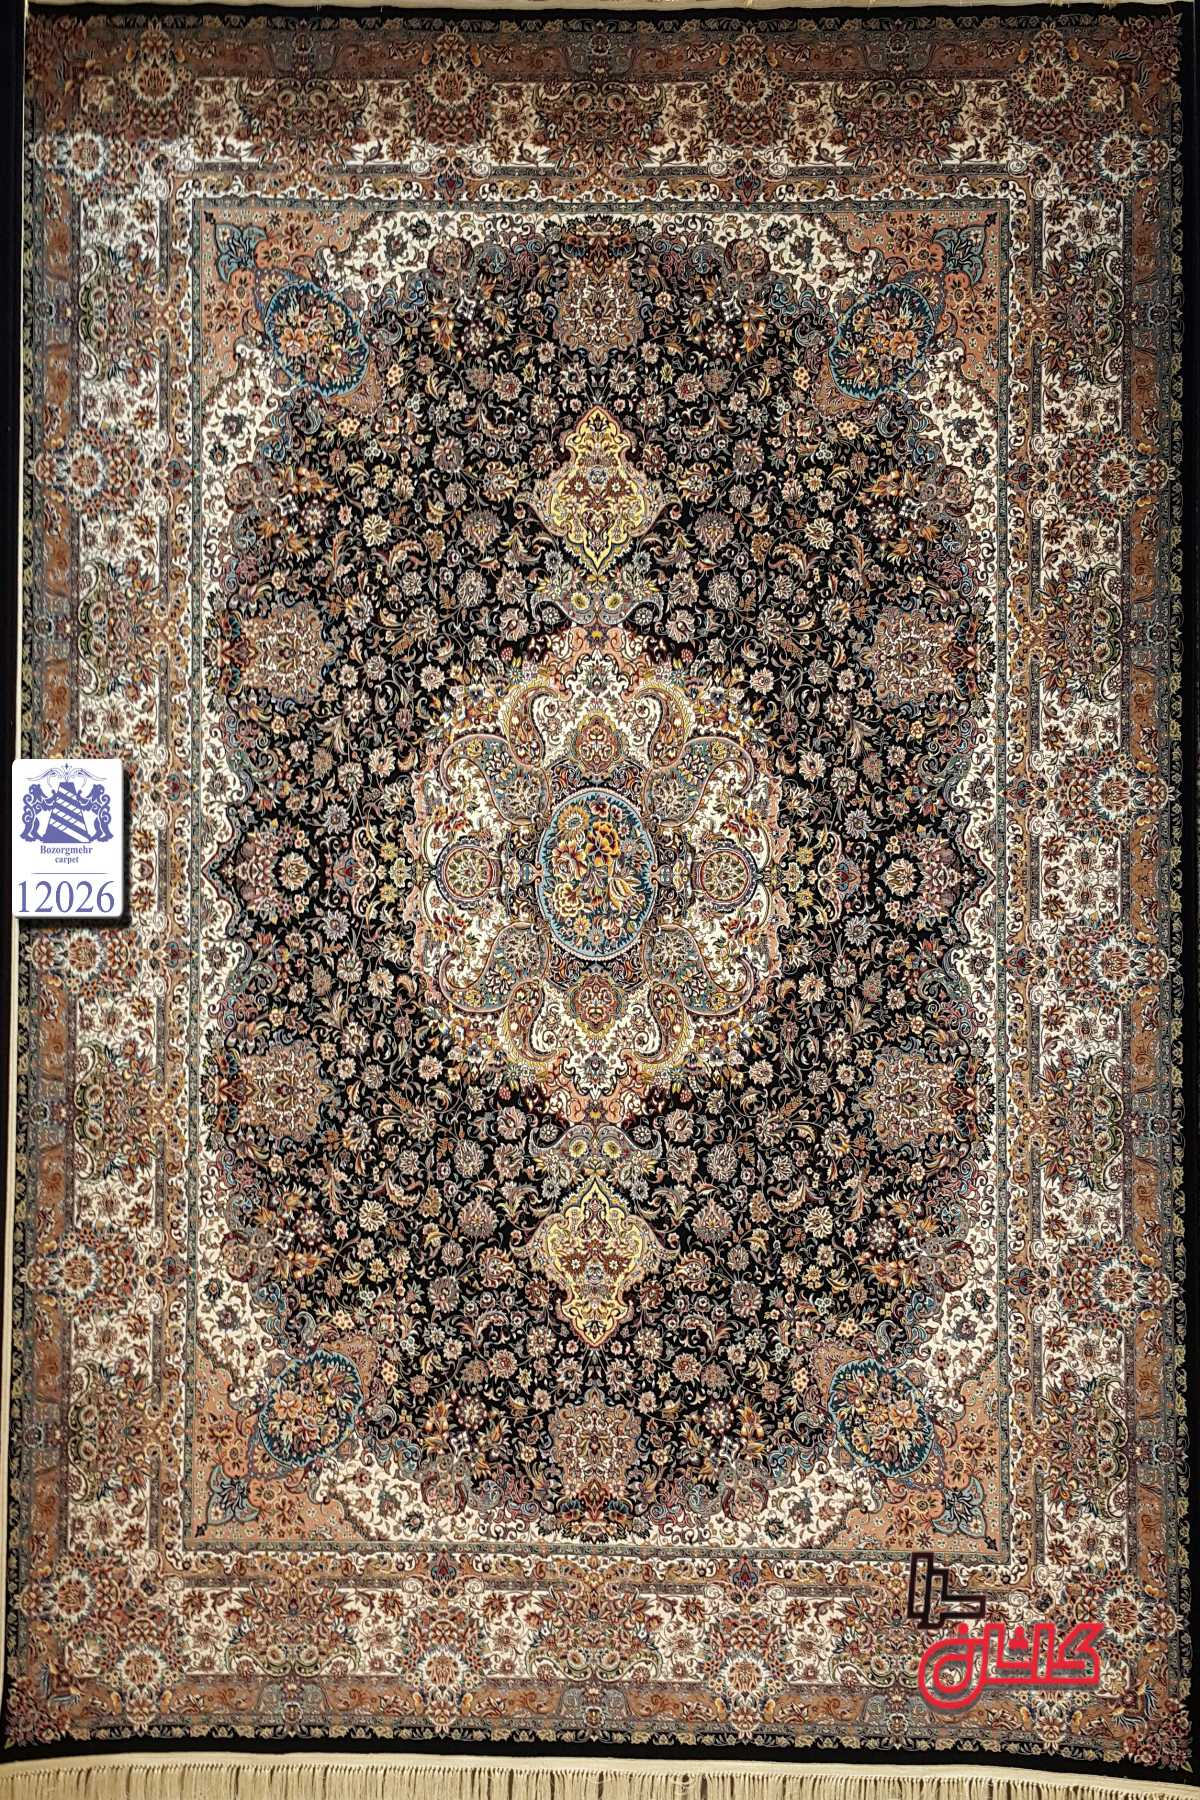 فرش های ریز بافت دستباف گونه 1200 شانه کاشان